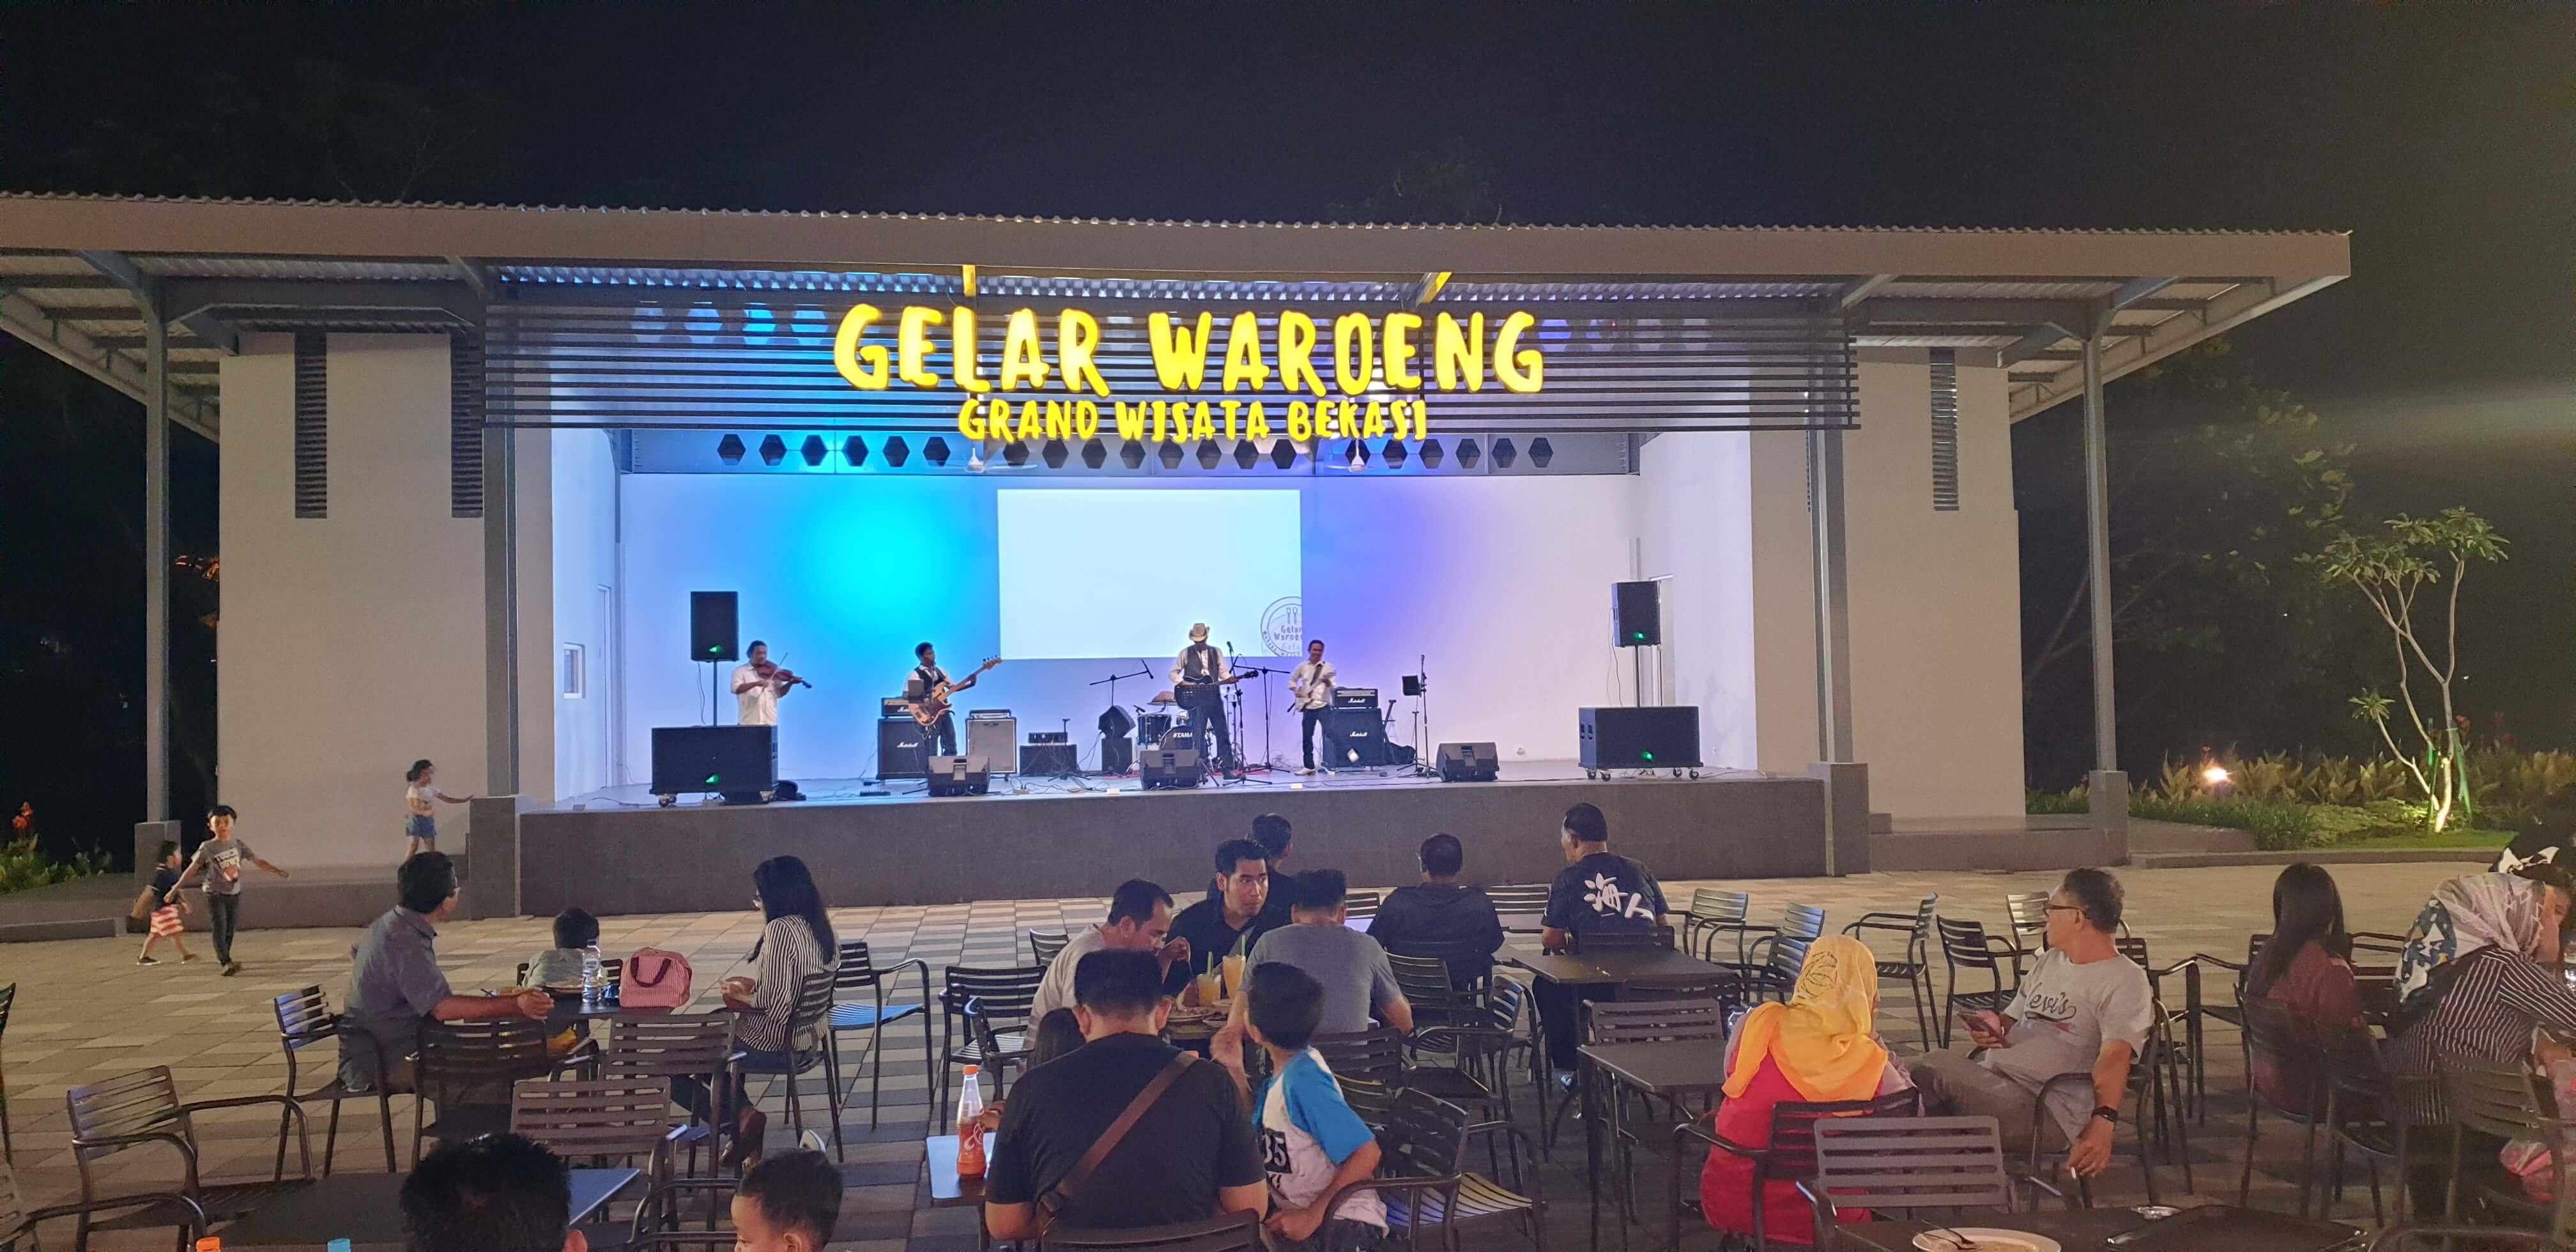 Image Gelar Waroeng 8